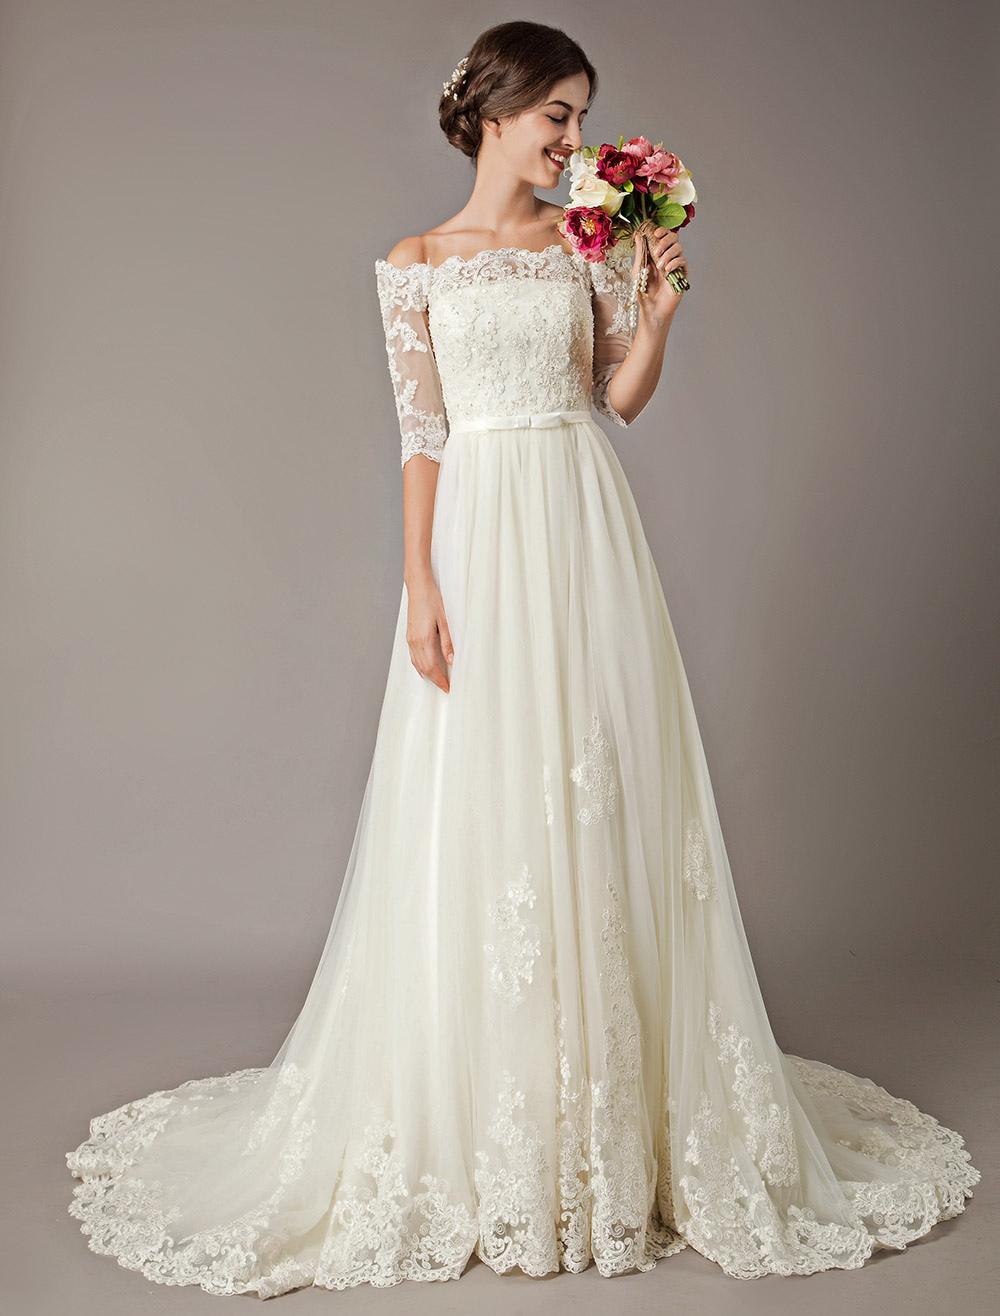 Vestidos De Casamento 2019 Marfim Fora Do Ombro Meia Manga Lace Frisado Bow Sash Tulle Vestidos De Noiva Com Cauda